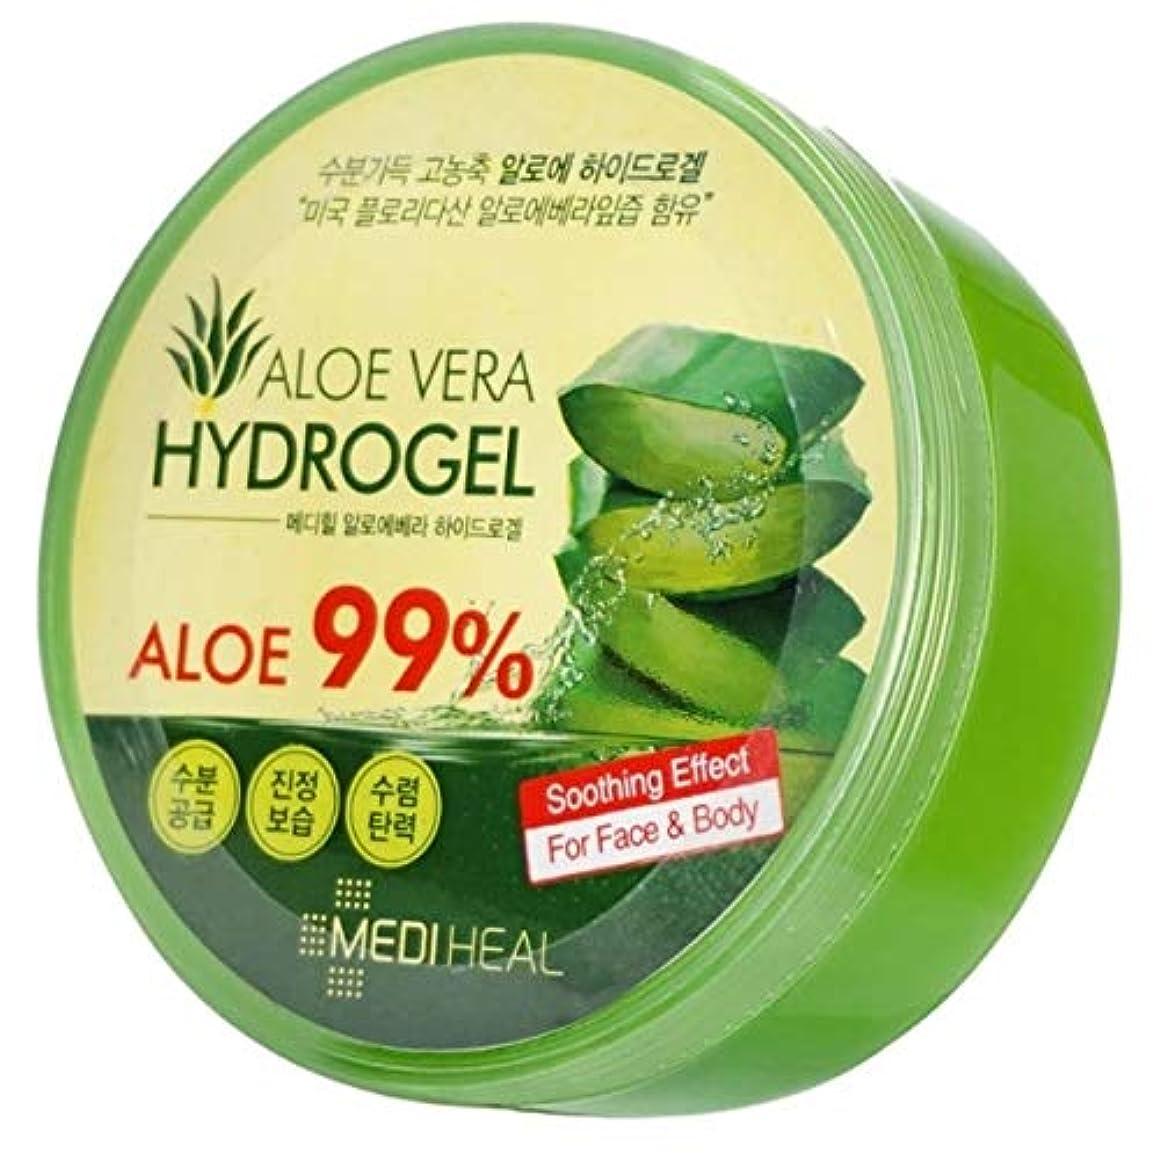 チョップすすり泣き粘土Mediheal メディヒール Skin Soothing なだめるような & Moisture 水分 99% Aloe アロエ Vera Hydro Gels ハイドロゲル